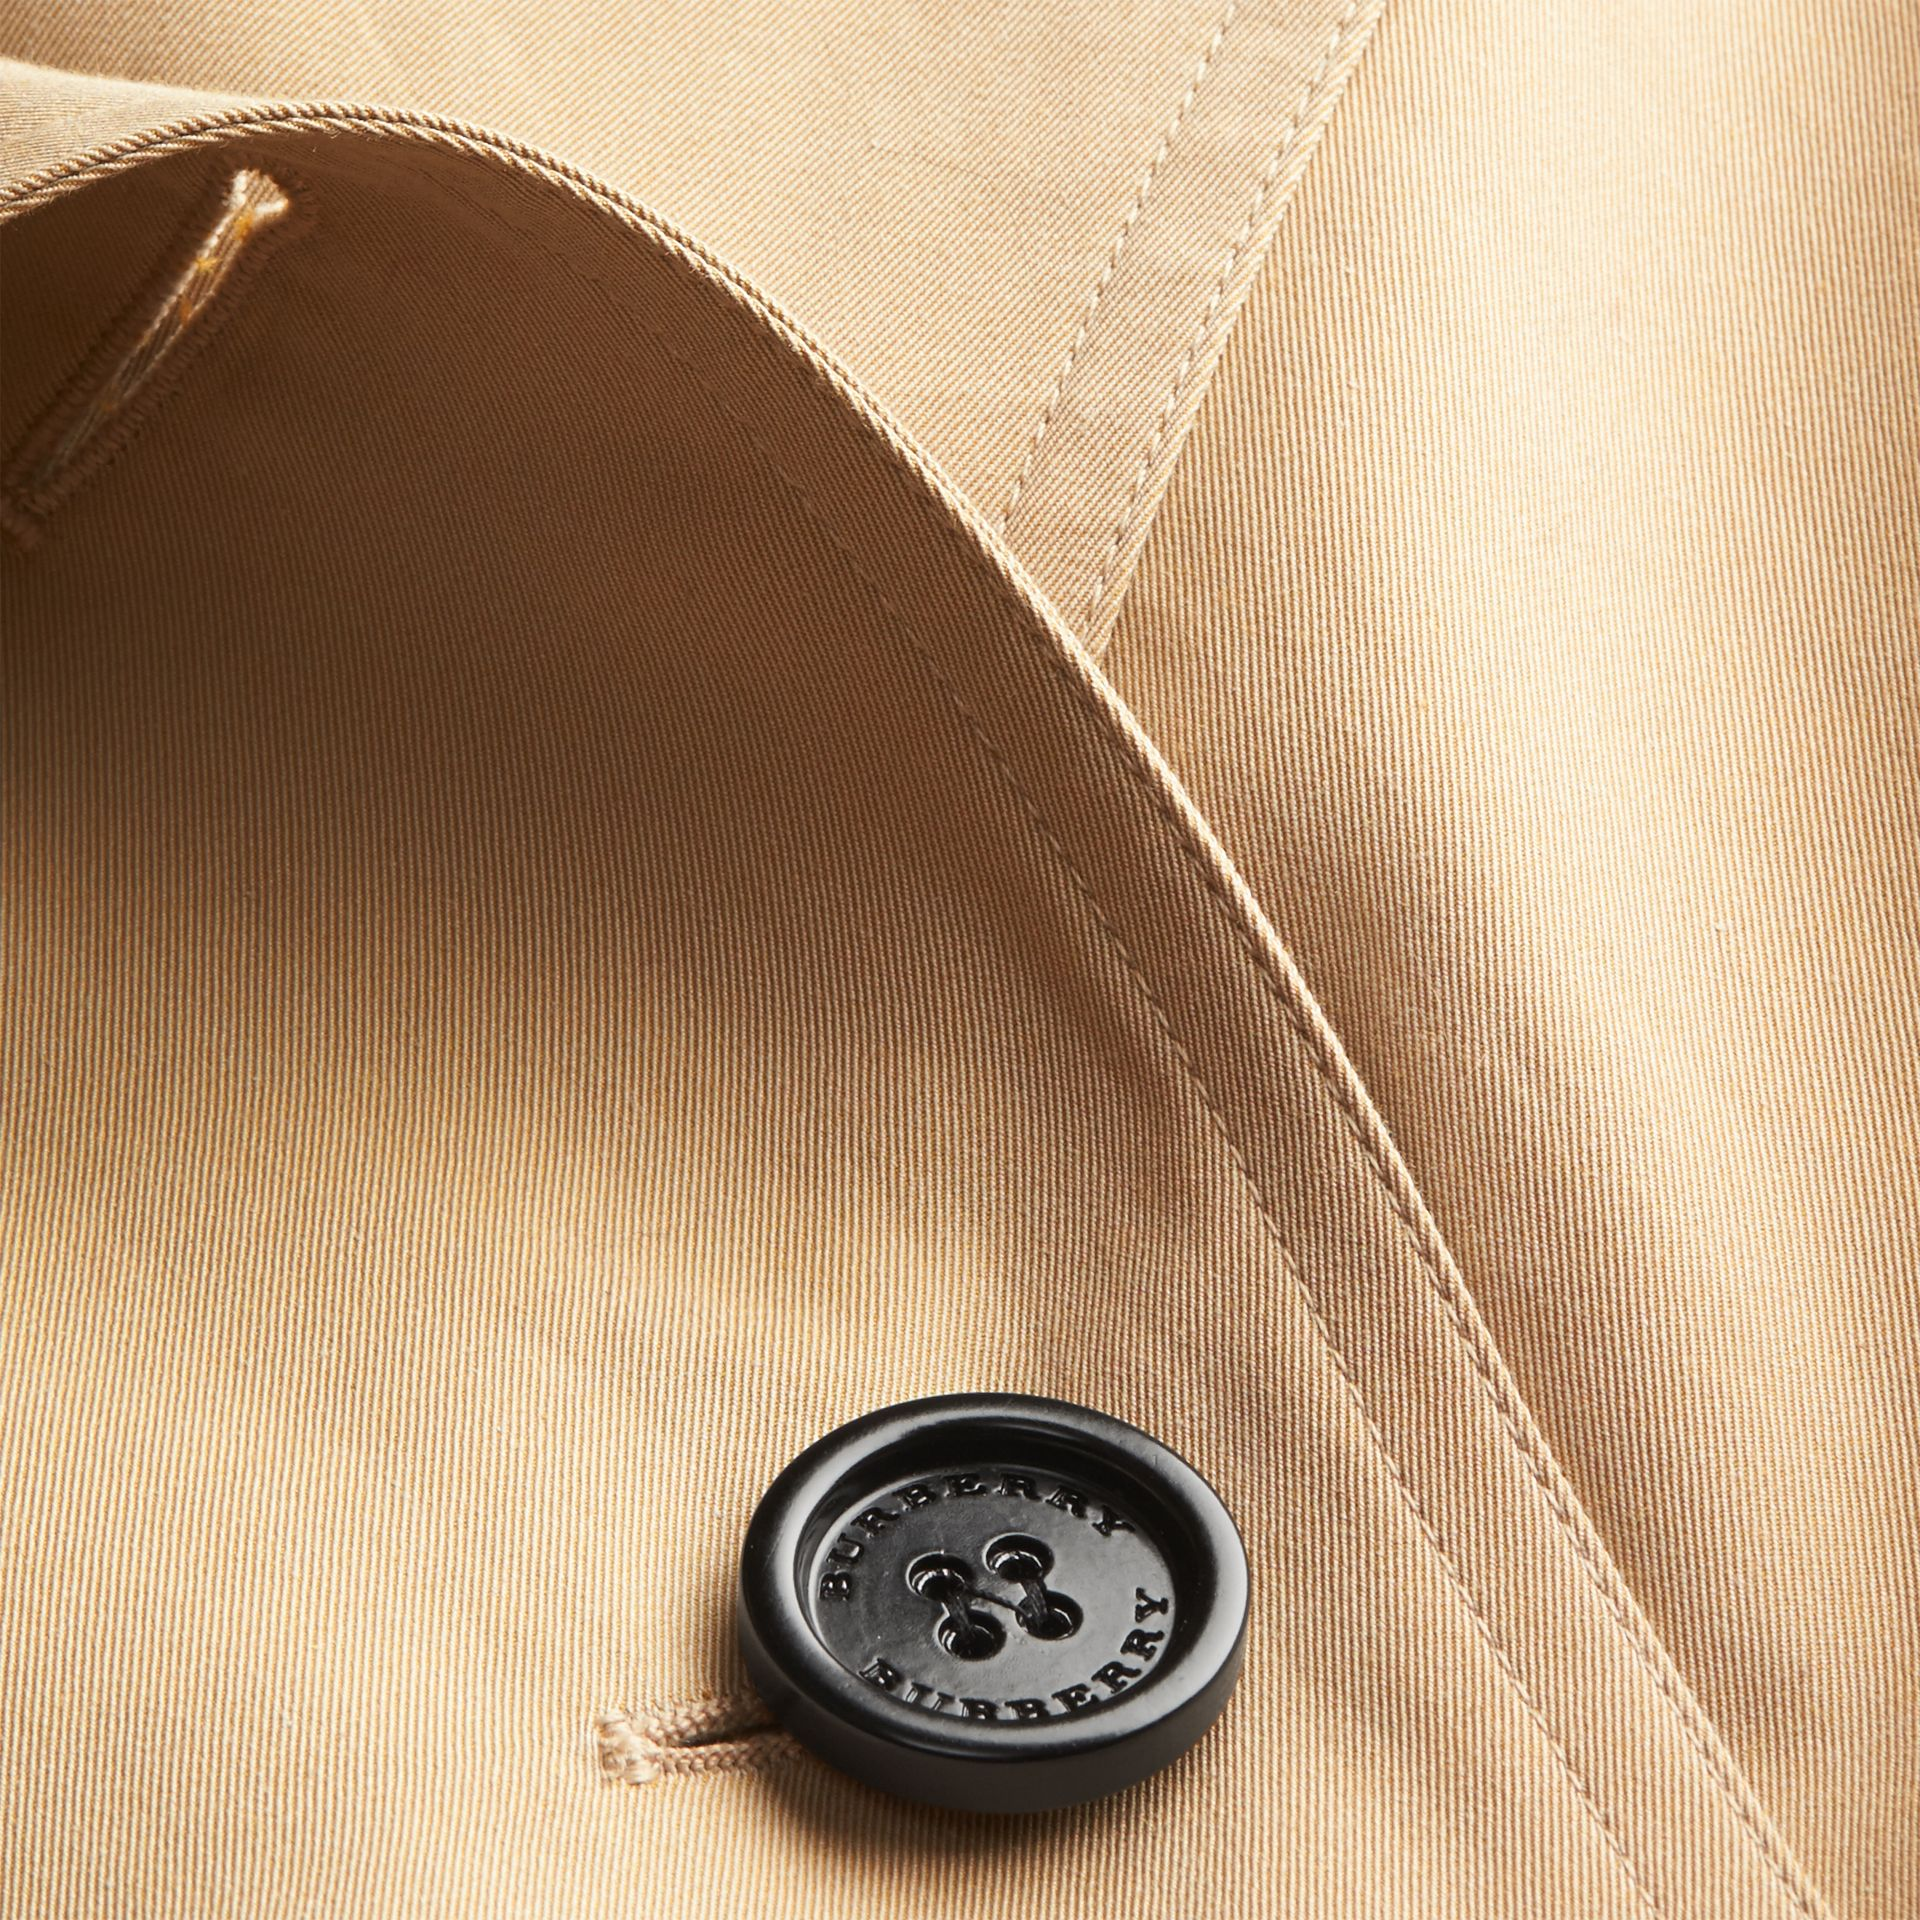 Miel Trench-coat en gabardine de coton avec col amovible en fourrure de raton laveur - photo de la galerie 2